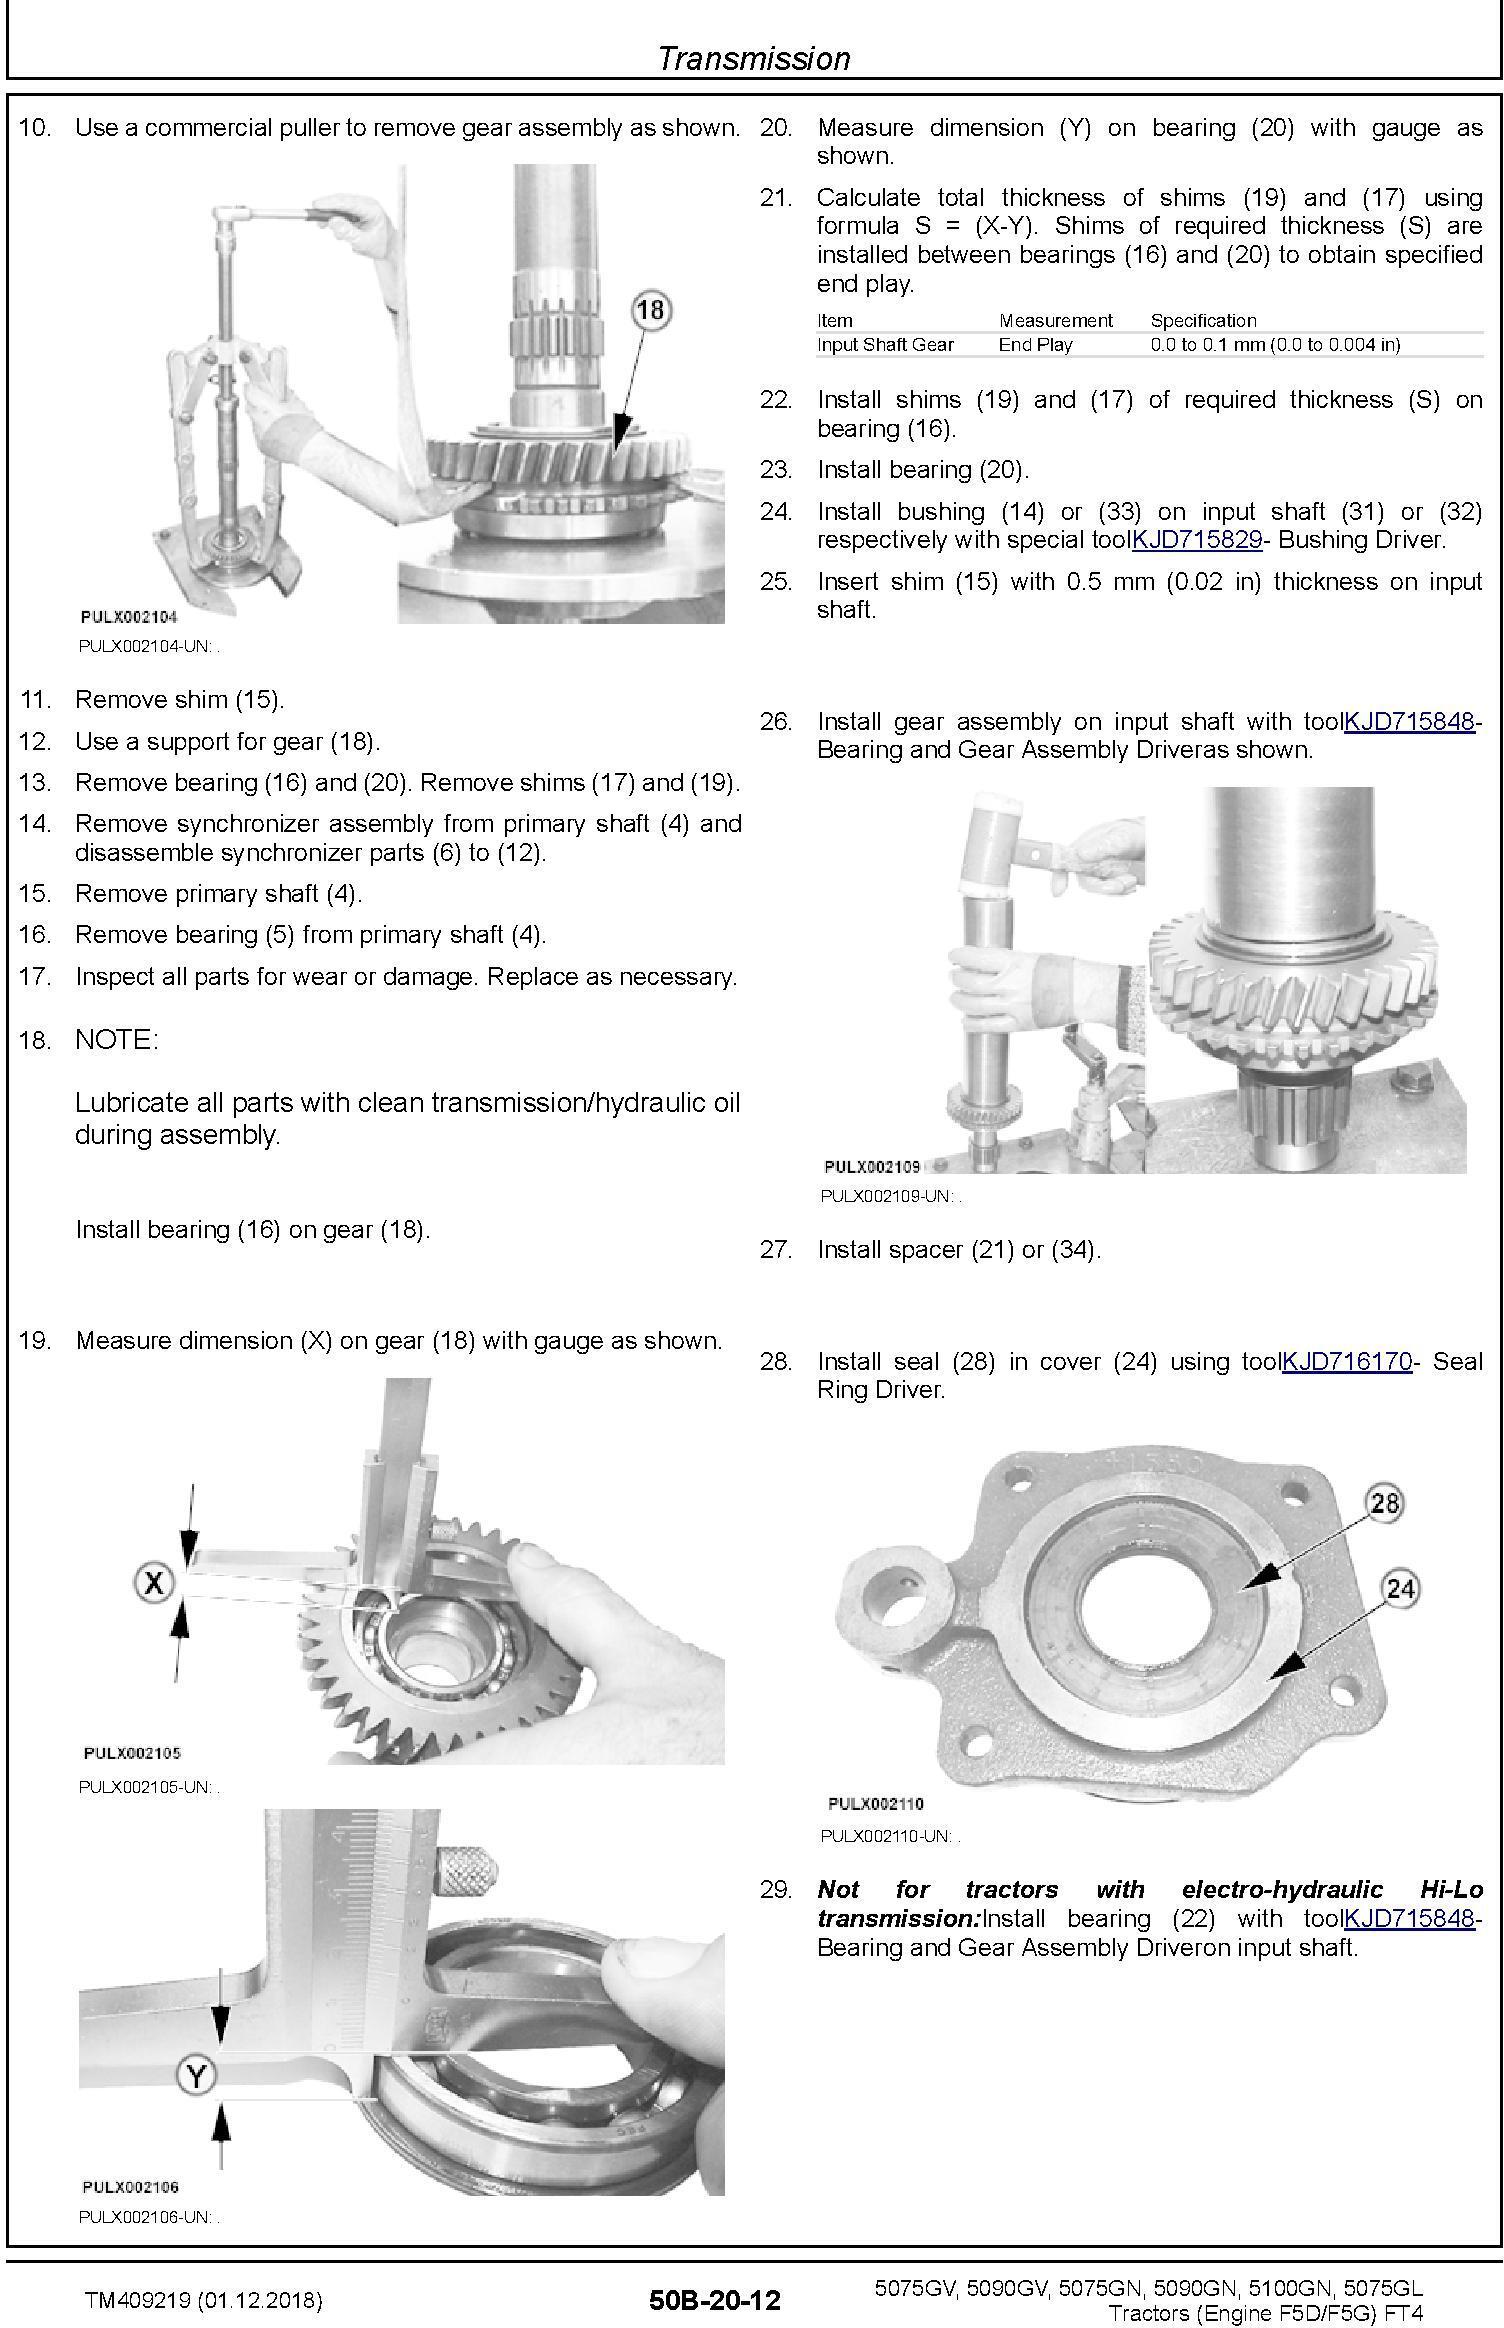 John Deere 5075GL,5075GV, 5075GN, 5090GV,5090GN, 5100GN MY2016-19 Tractors Repair Manual (TM409219) - 3